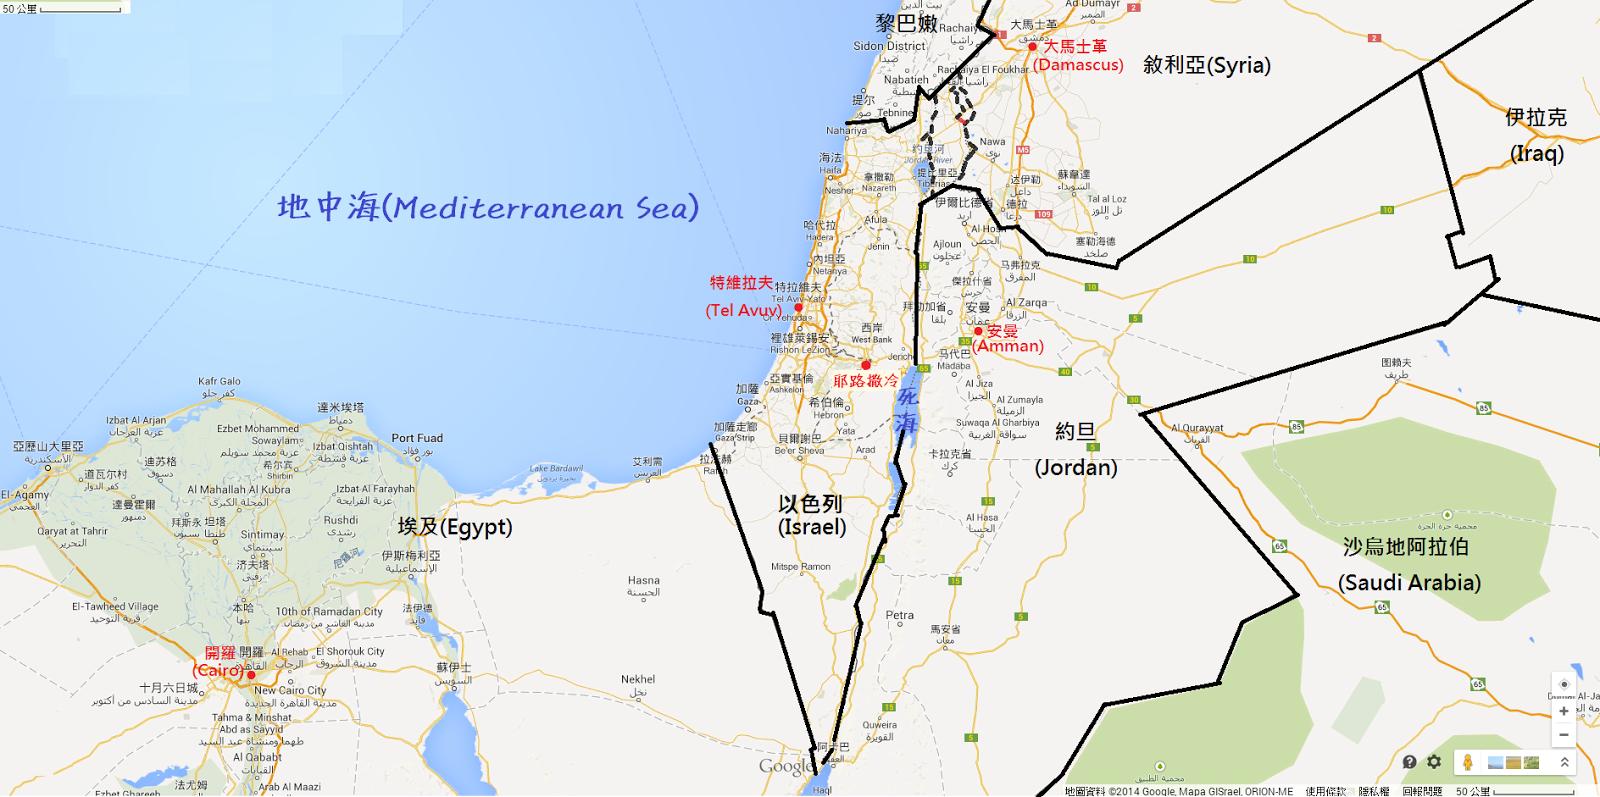 「耶路撒冷」的圖片搜尋結果